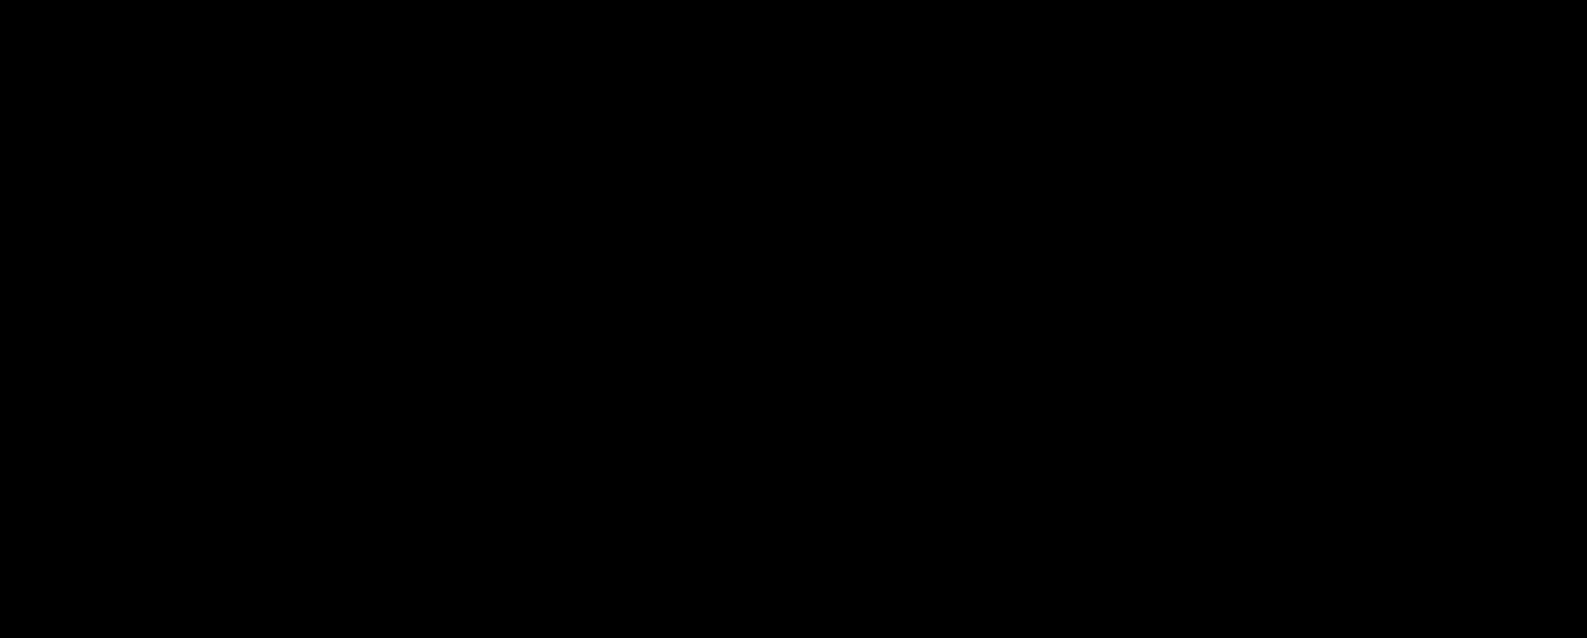 Levosulpiride-d<sub>3</sub>